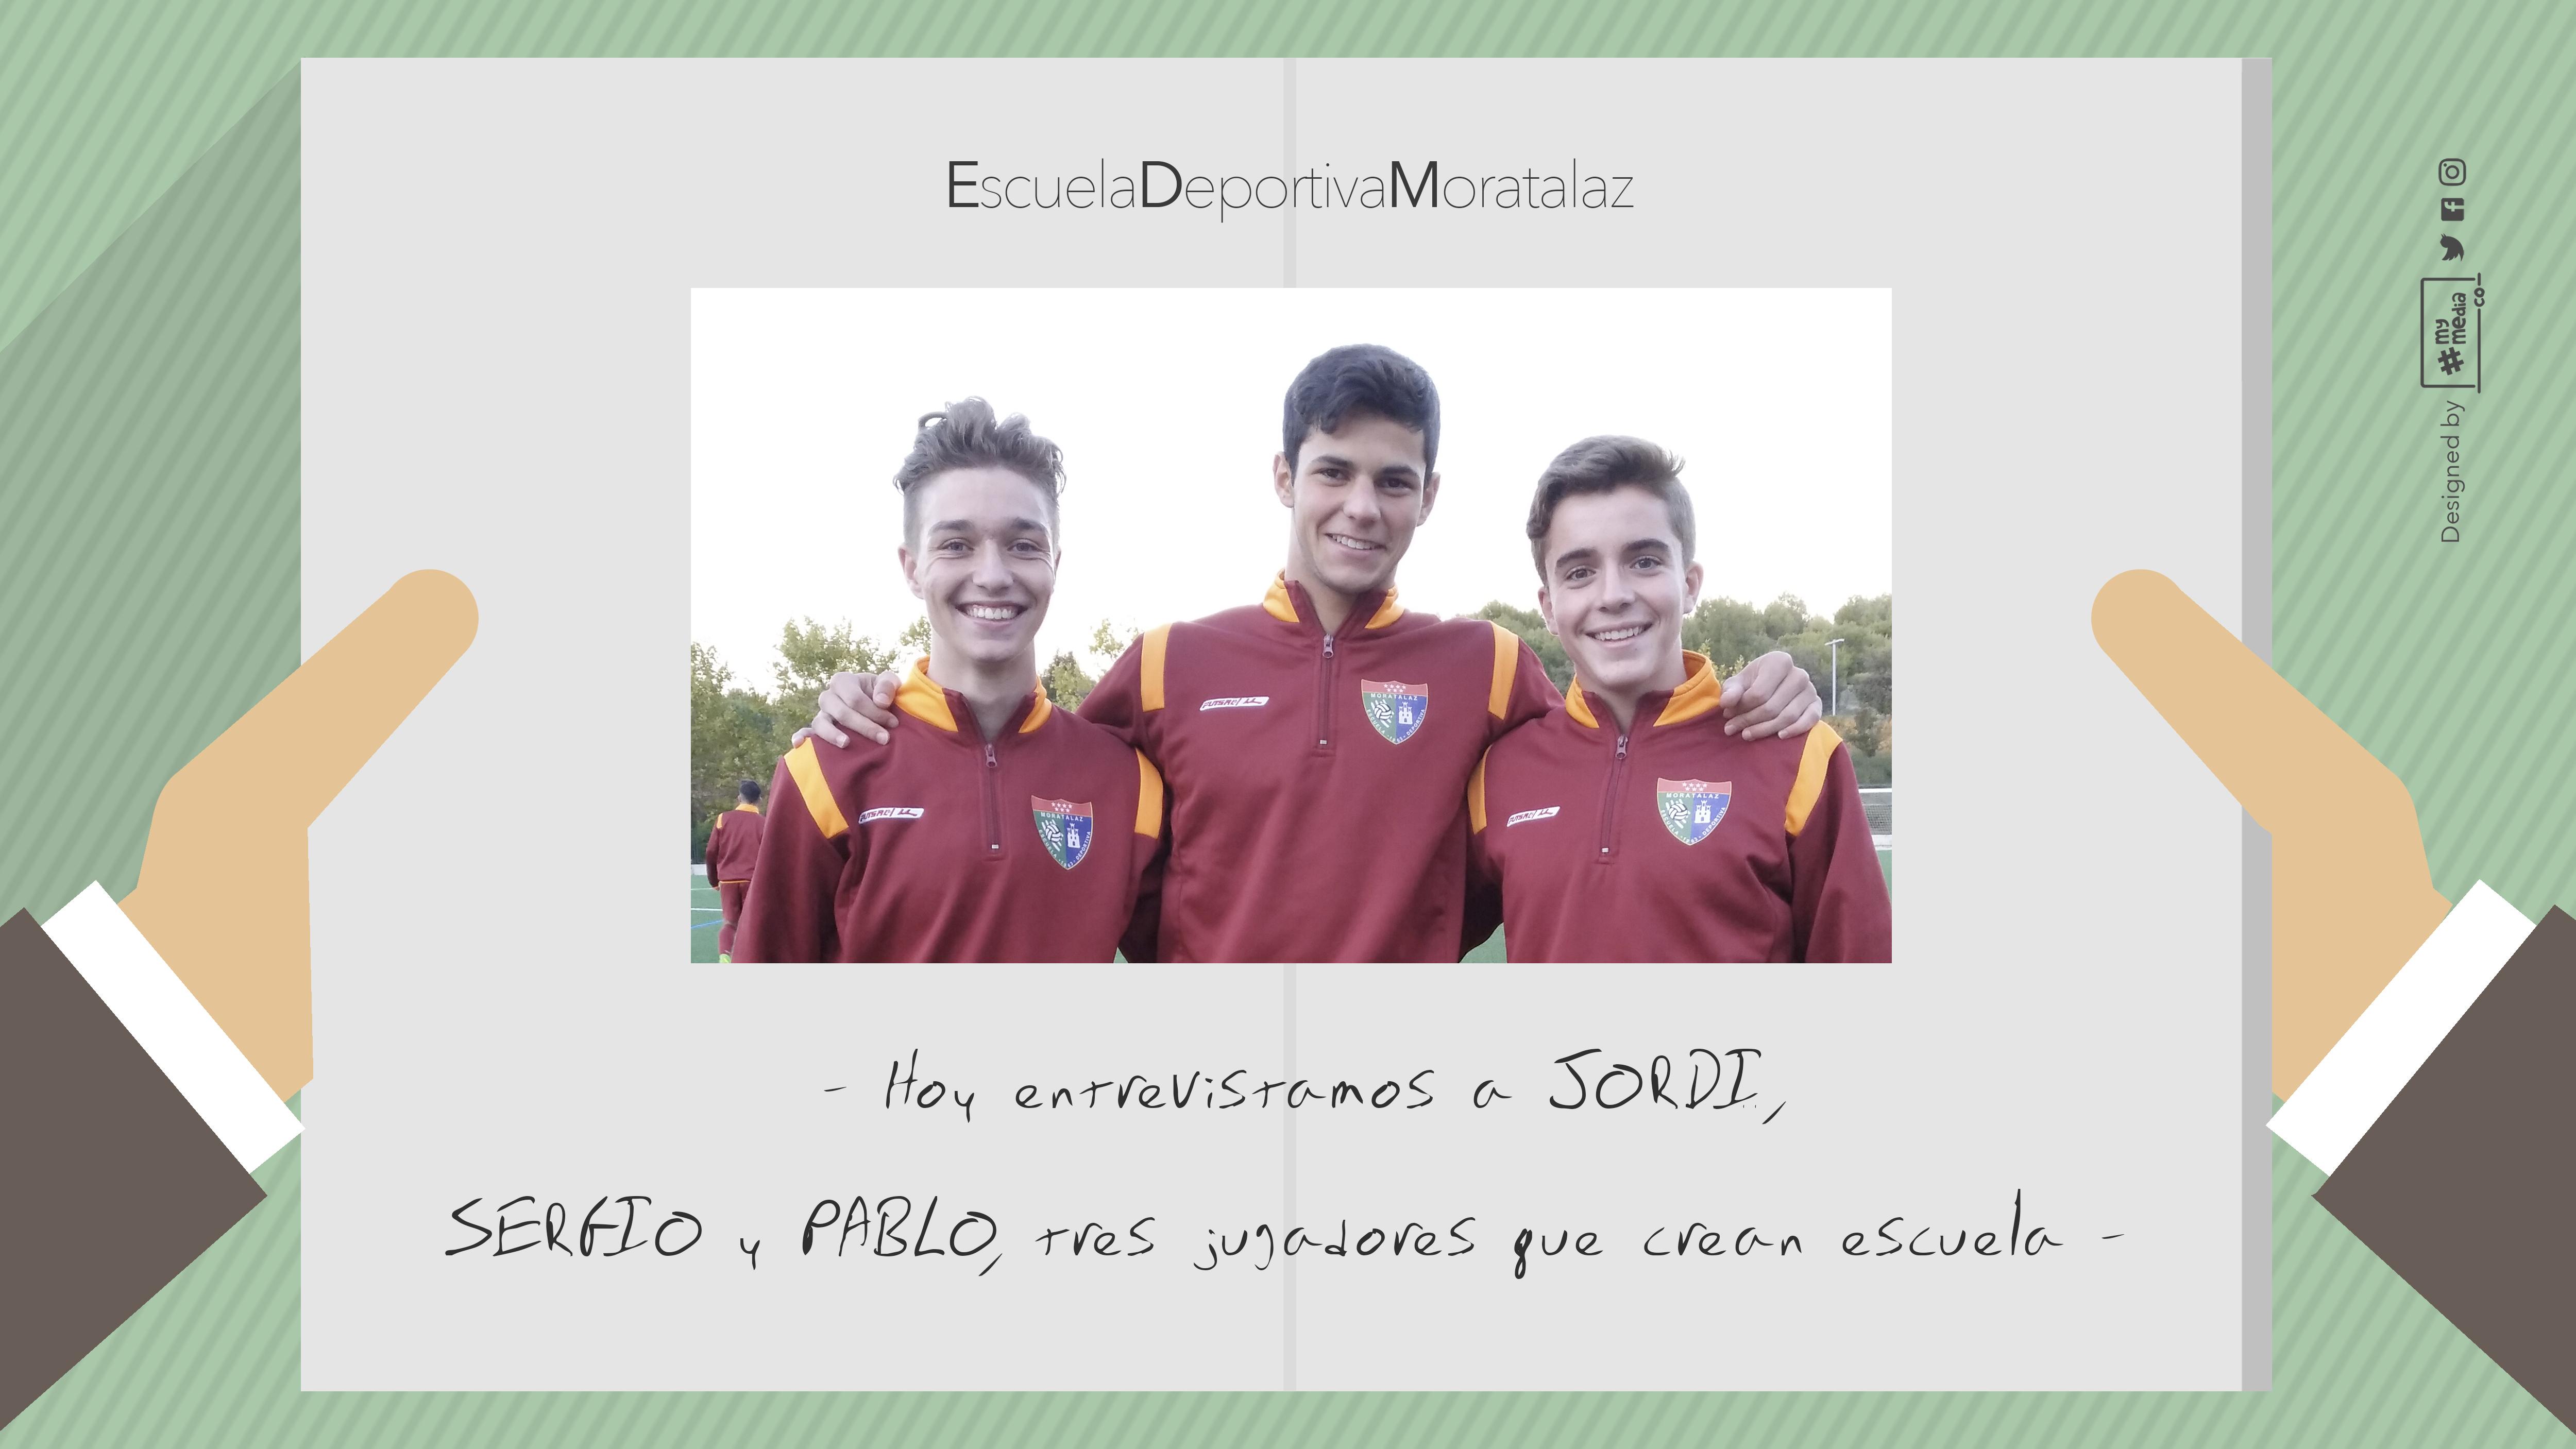 Tres jugadores que crean Escuela: Jordi, Sergio y Pablo